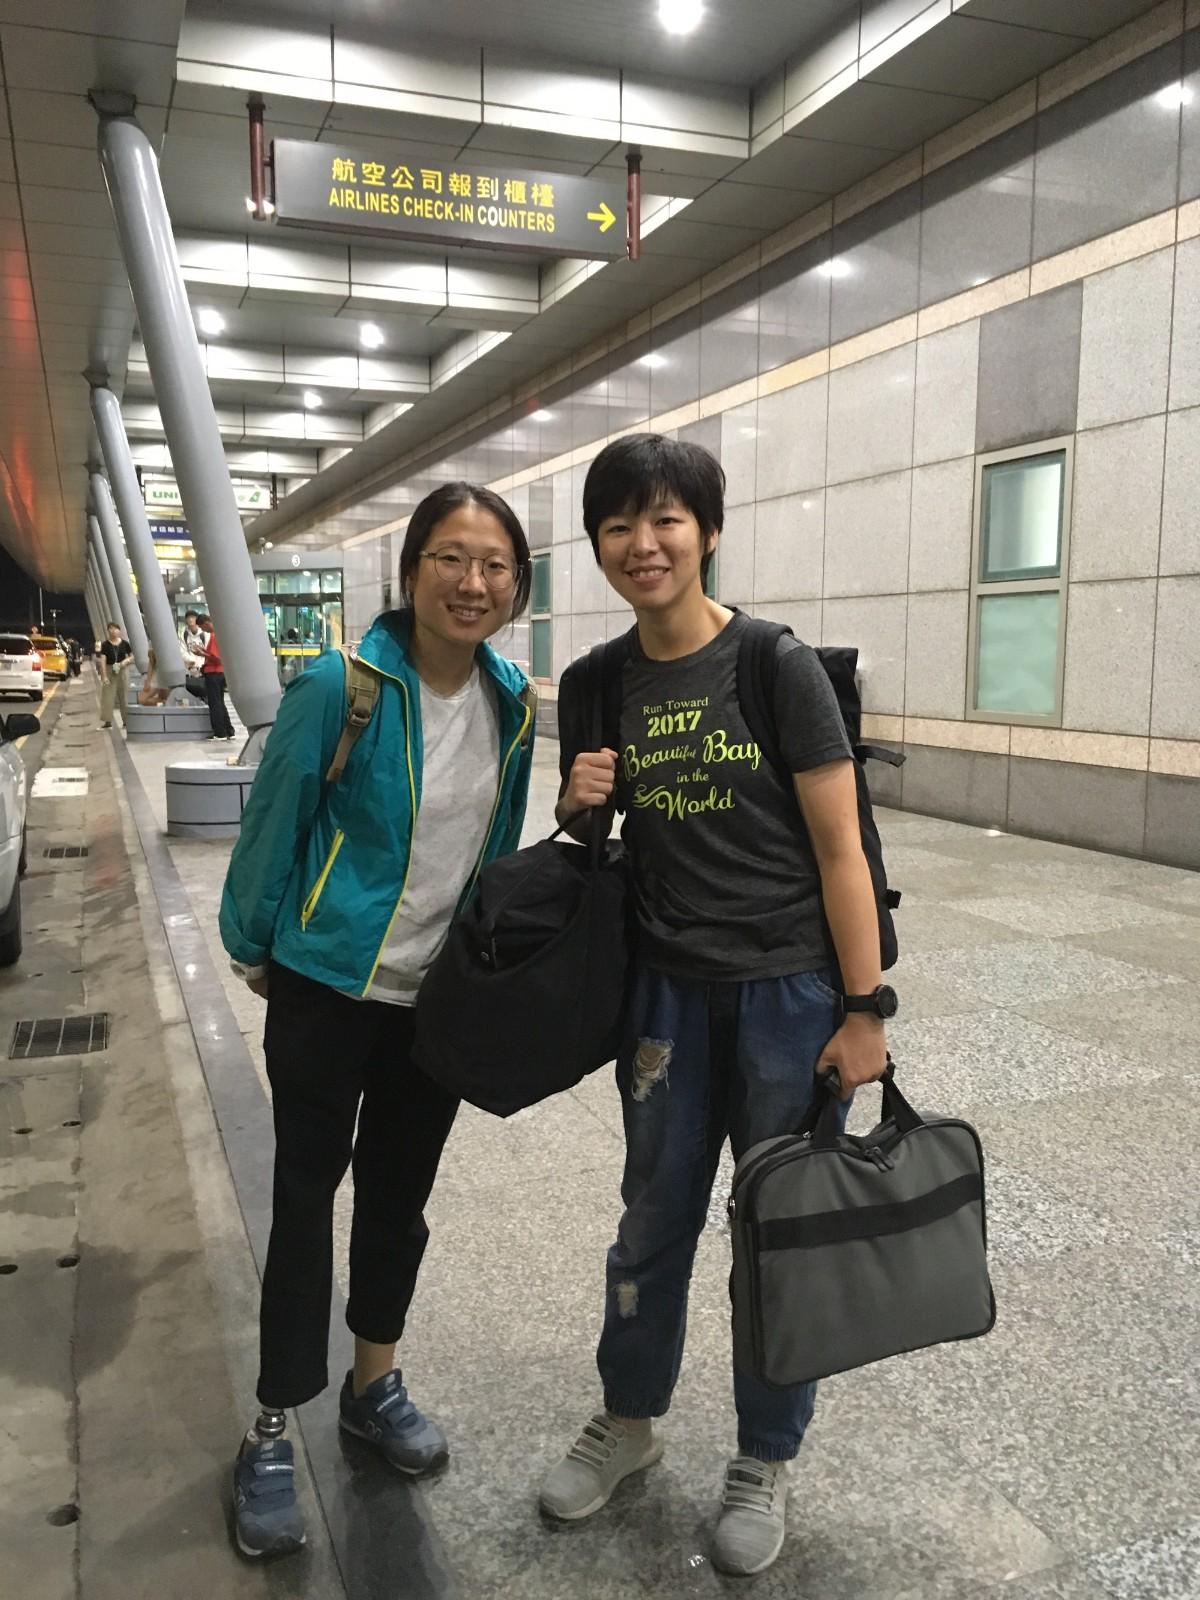 07中原心理系98級校友謝馥璟(右),與黃佩櫻在澎湖共事、也是好友。.jpg